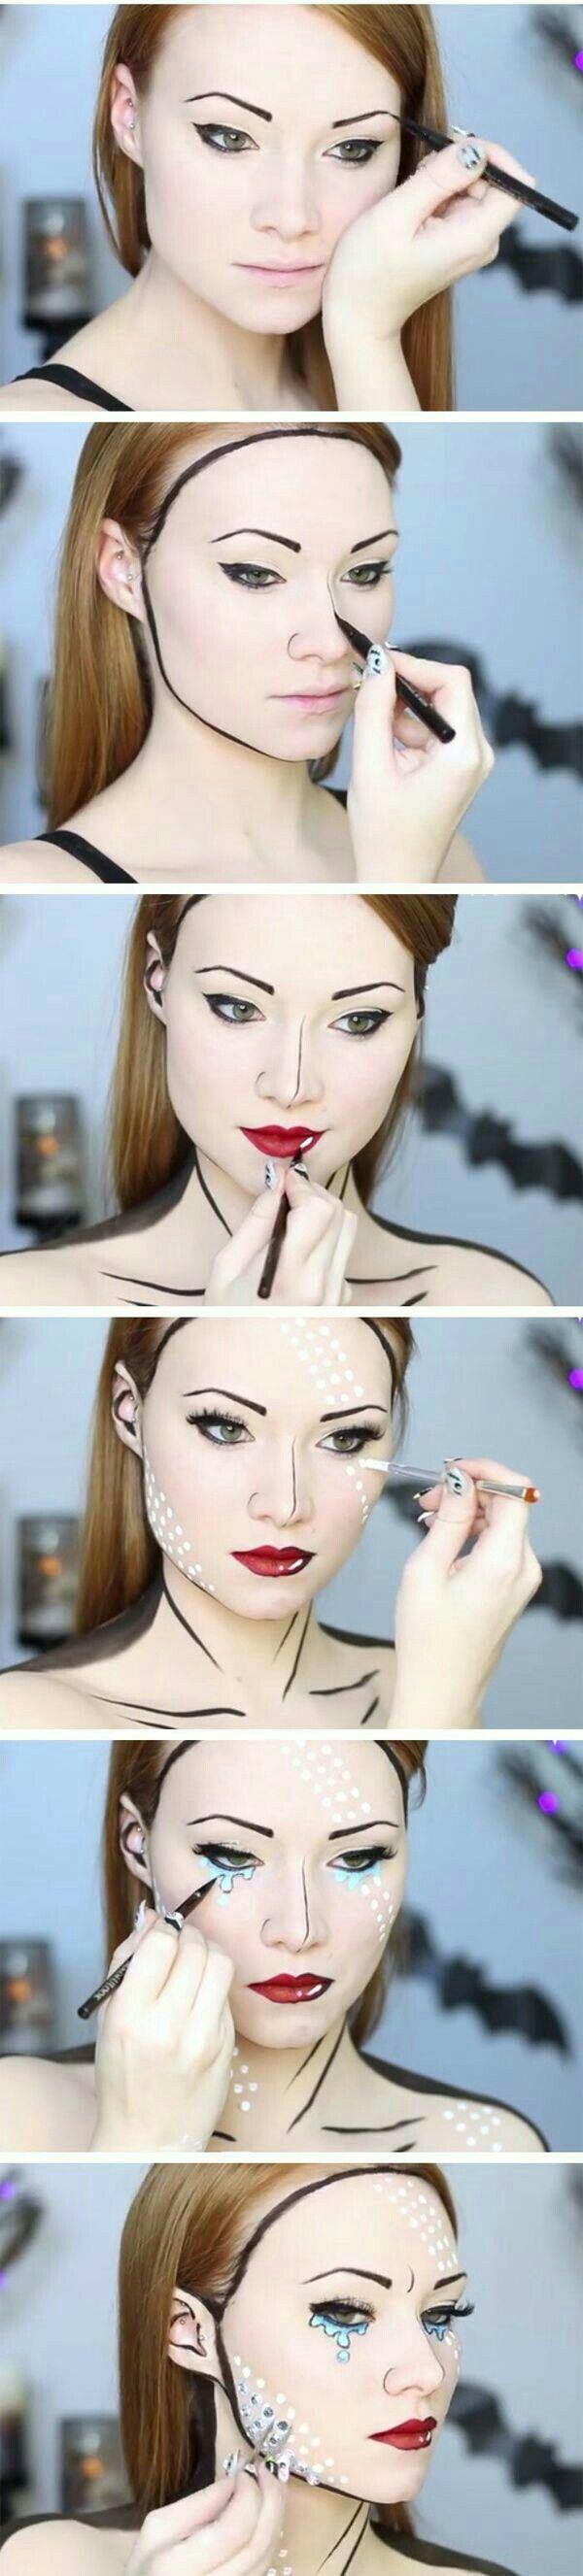 El #maquillaje estilo #PopArt es una opción excelente que te ayudará a lucir perfecta para #Halloween con poco esfuerzo.